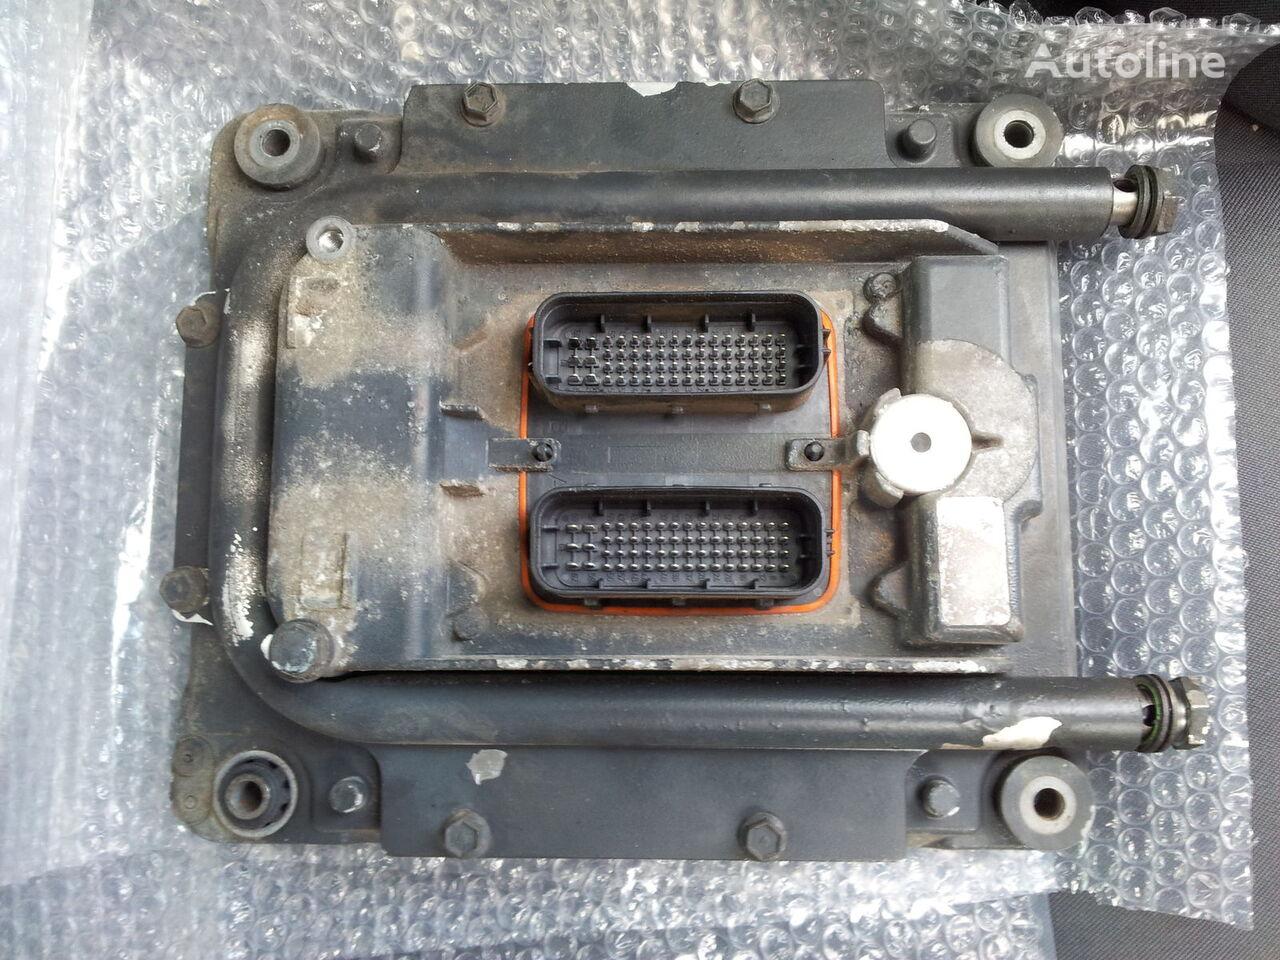 centralina RENAULT Magnum DXI, engine control unit, EDC, ECU, 20977019 P03 per trattore stradale RENAULT  Magnum DXI ECU